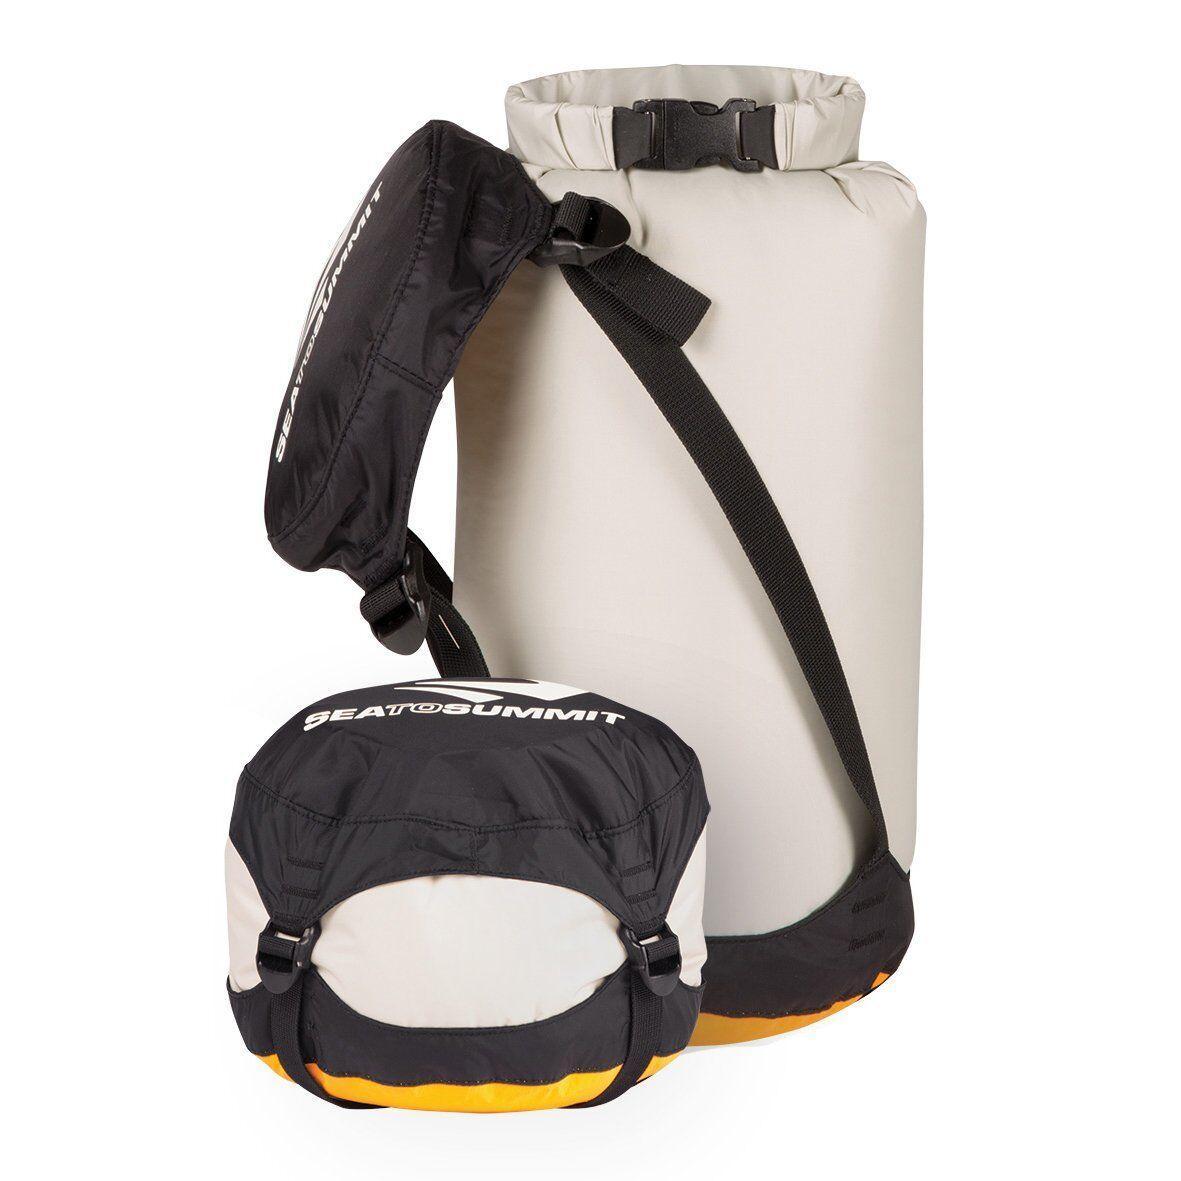 Компрессионный гермомешок Sea To Summit - Nylon Compression Dry Sack Grey, 10 л (STS ADCSS)(Объем 10 л)